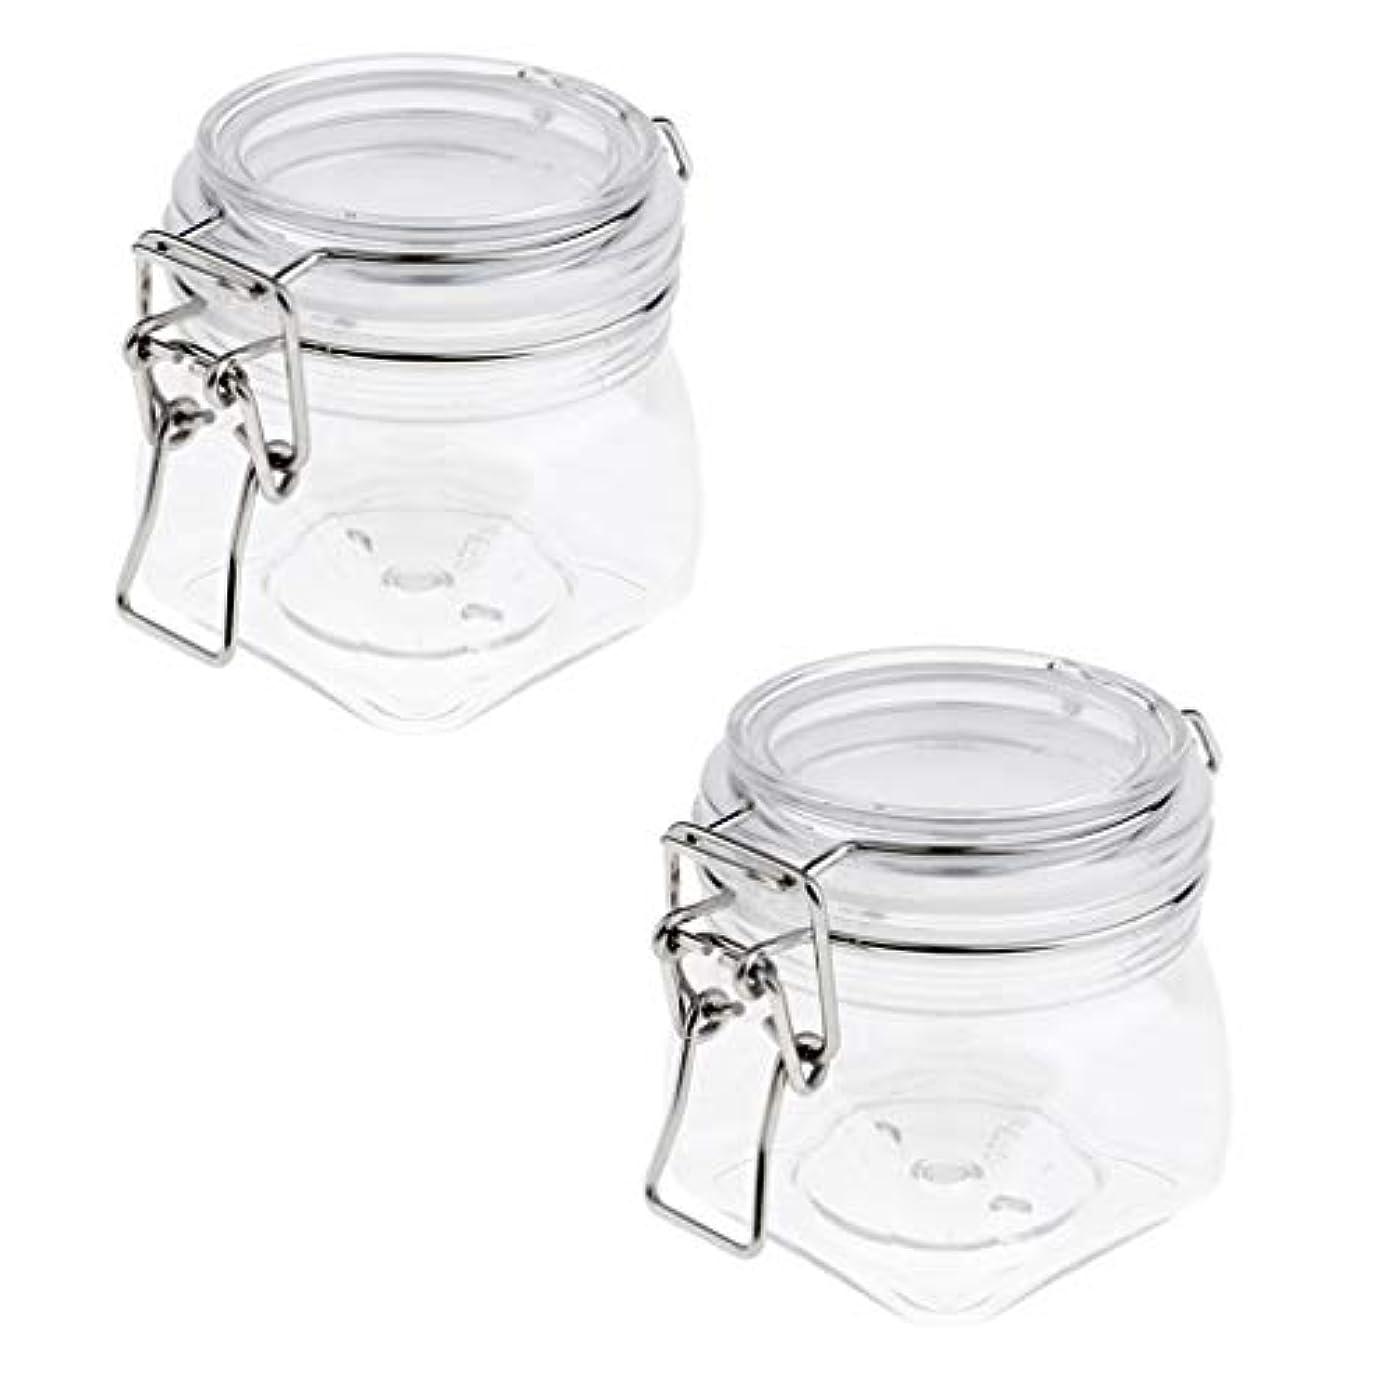 燃やす鎖購入SM SunniMix 密閉瓶 プラスチック 化粧品容器 クリーム 約250ml コンテナ ジャー シリコンシールリング